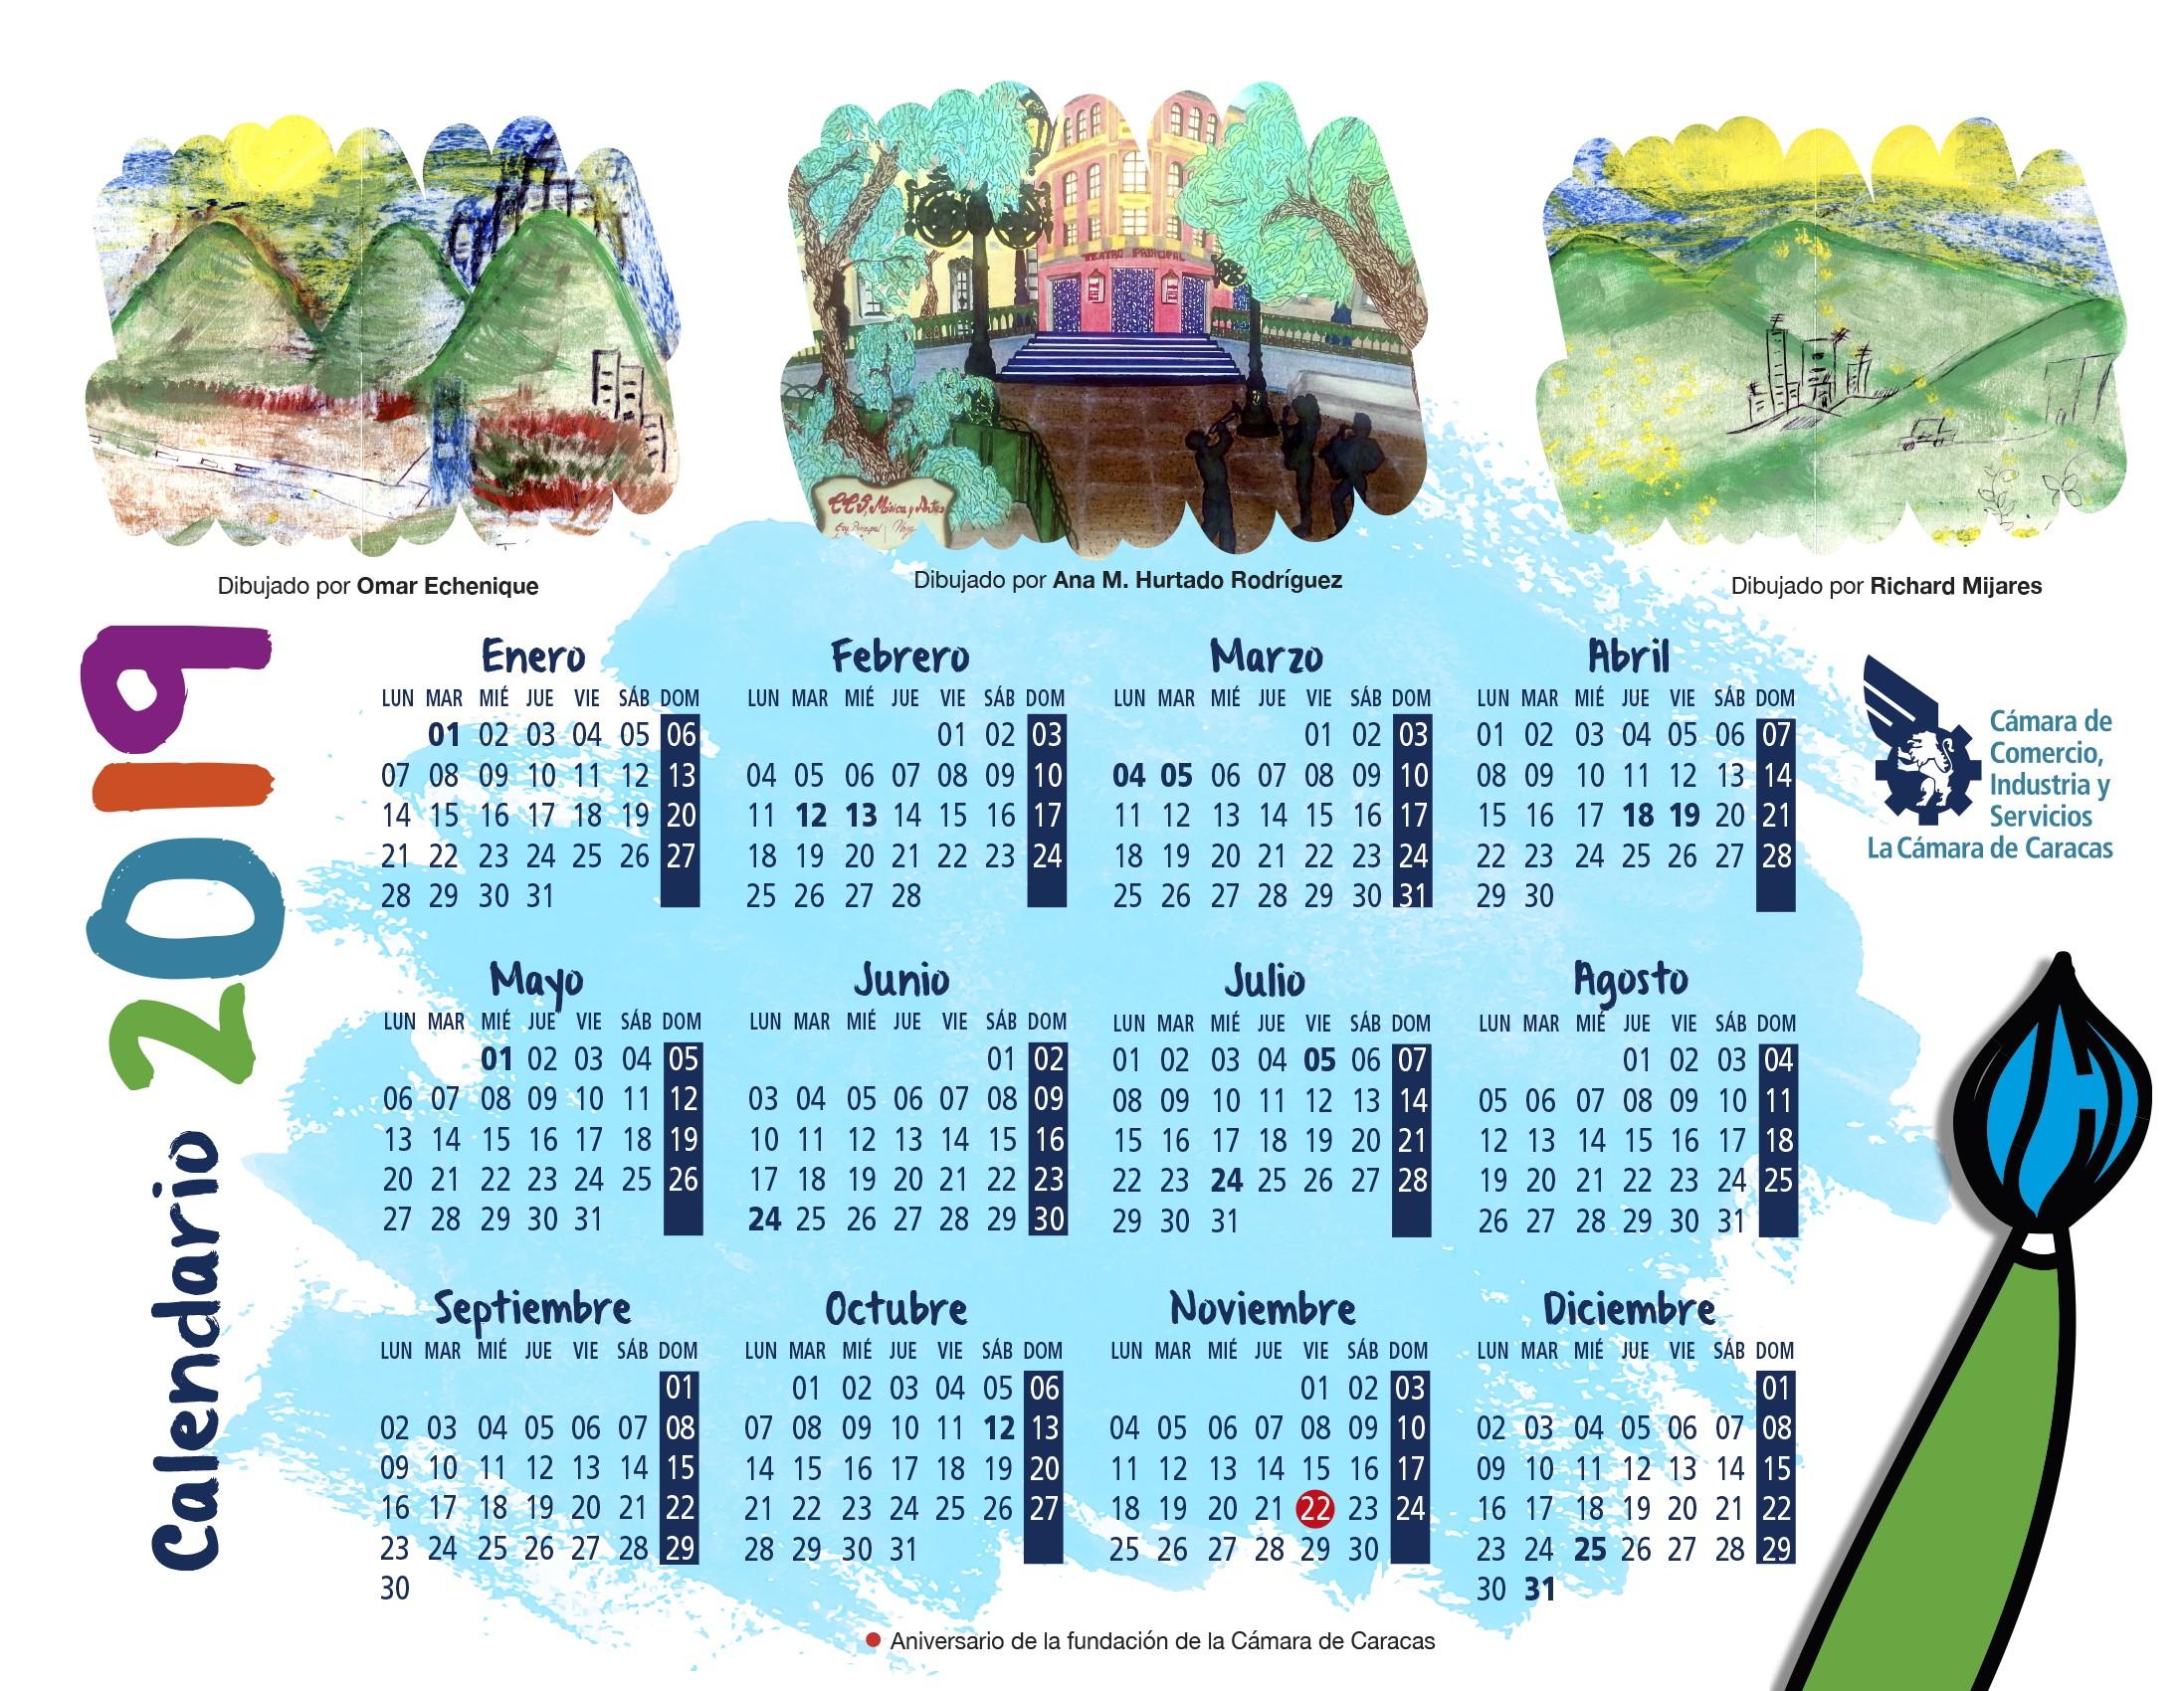 Calendario 2019 Itesm Más Caliente Descarga Nuestro Calendario 2018 Cámara De Caracas